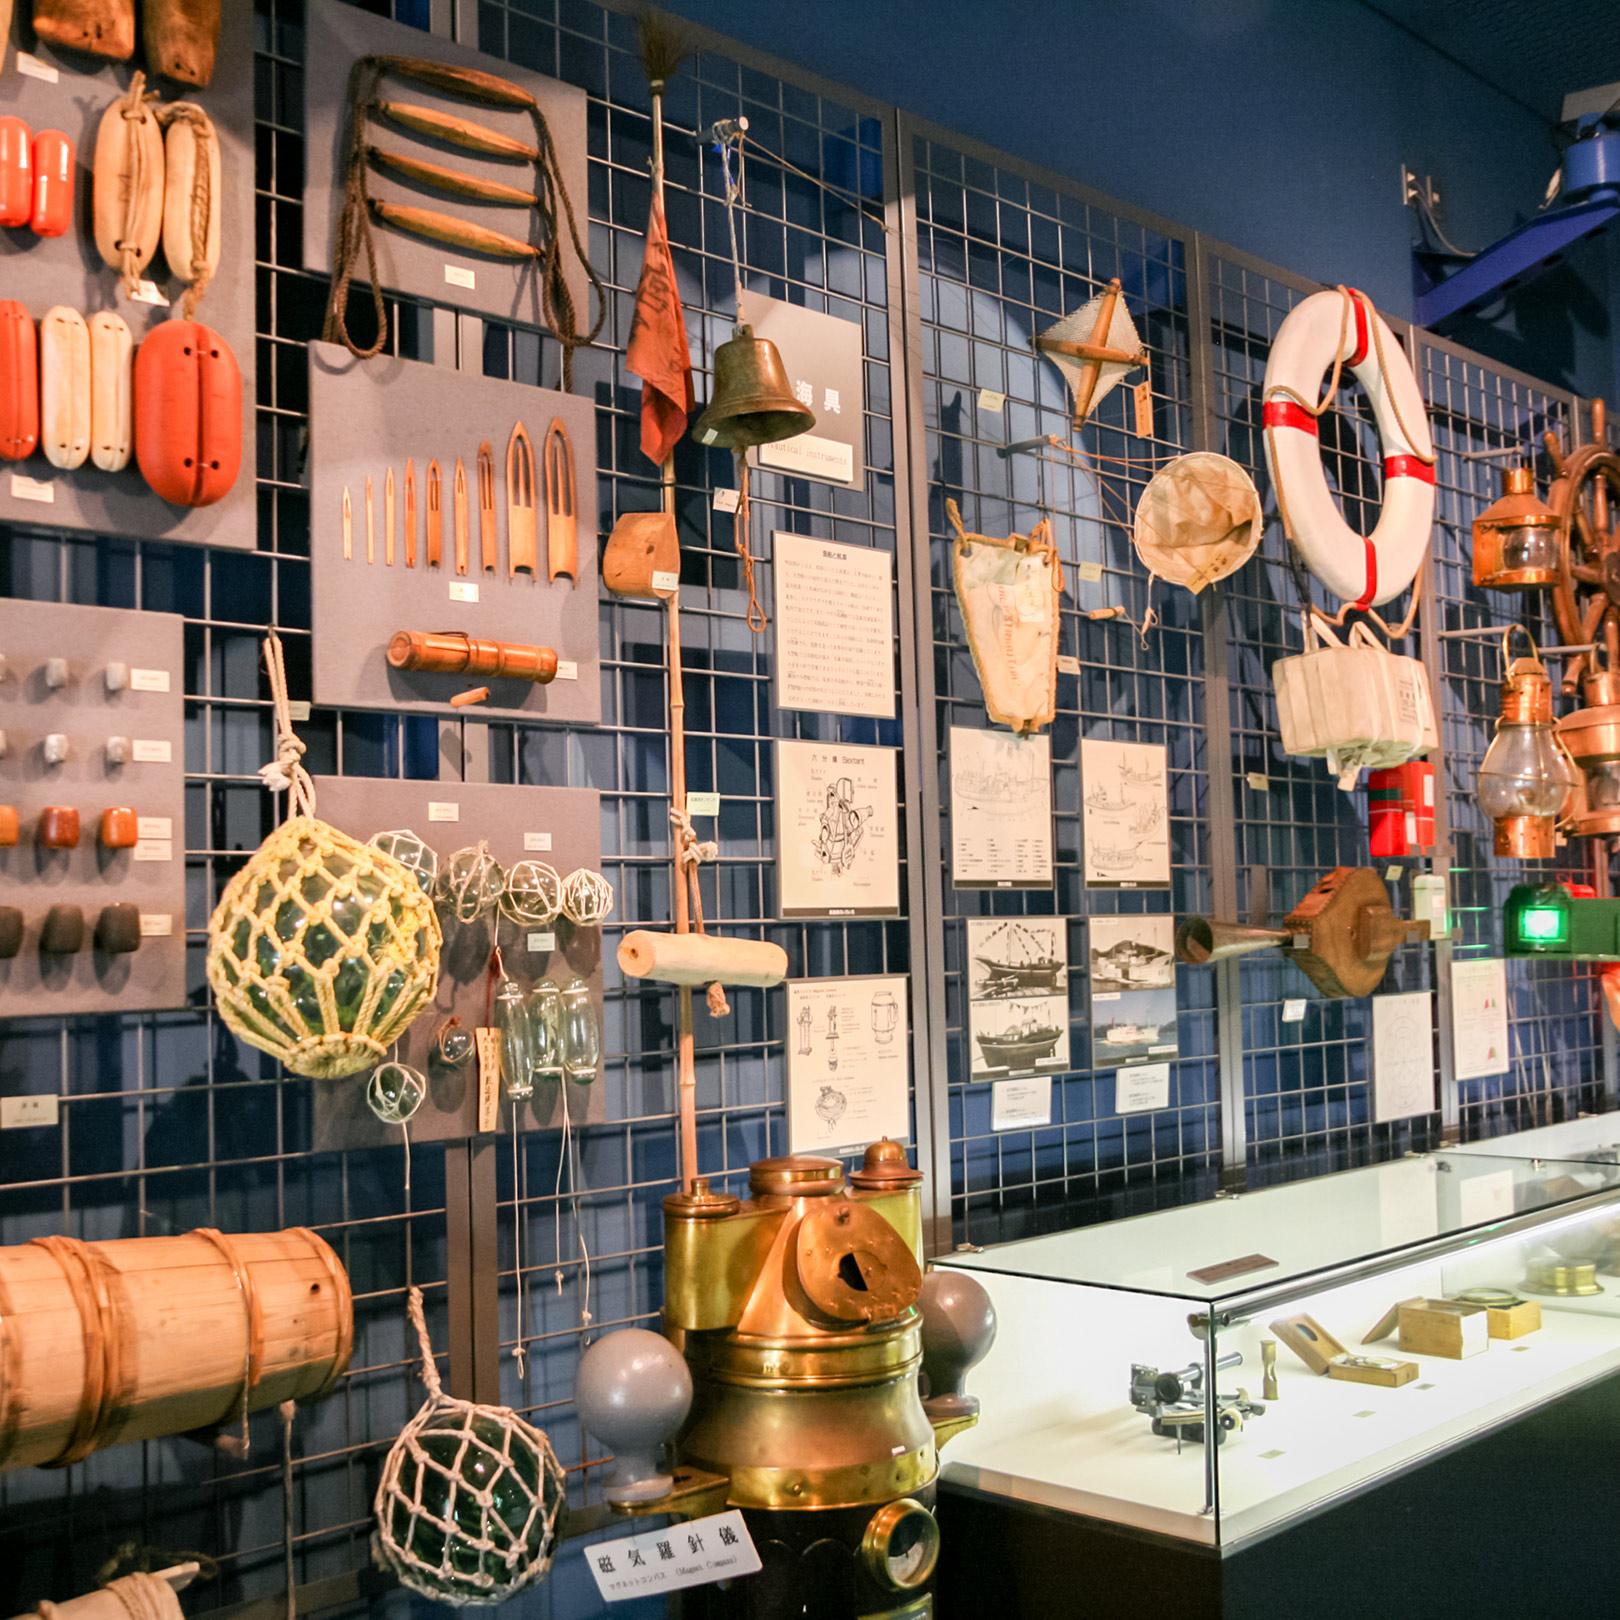 昔の漁業から現代の漁業まで、分かりやすく展示されている。